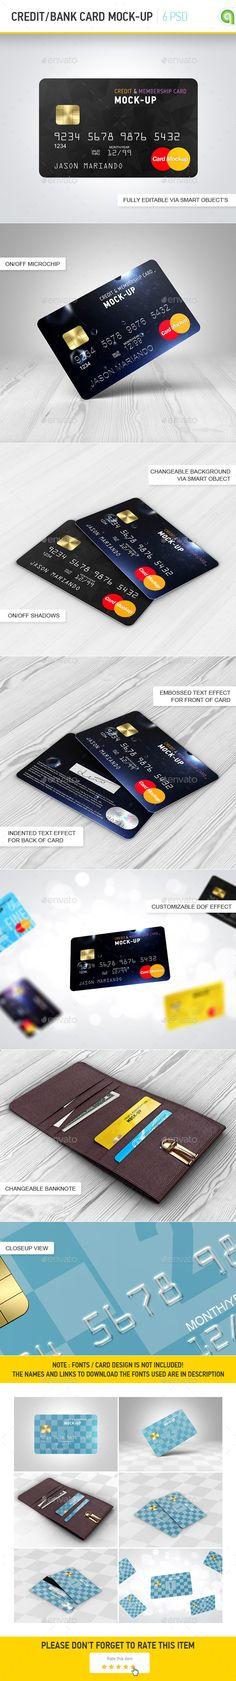 Credit / Bank Card Mock-Up | Download: http://graphicriver.net/item/credit-bank-card-mockup-/9803458?ref=ksioks